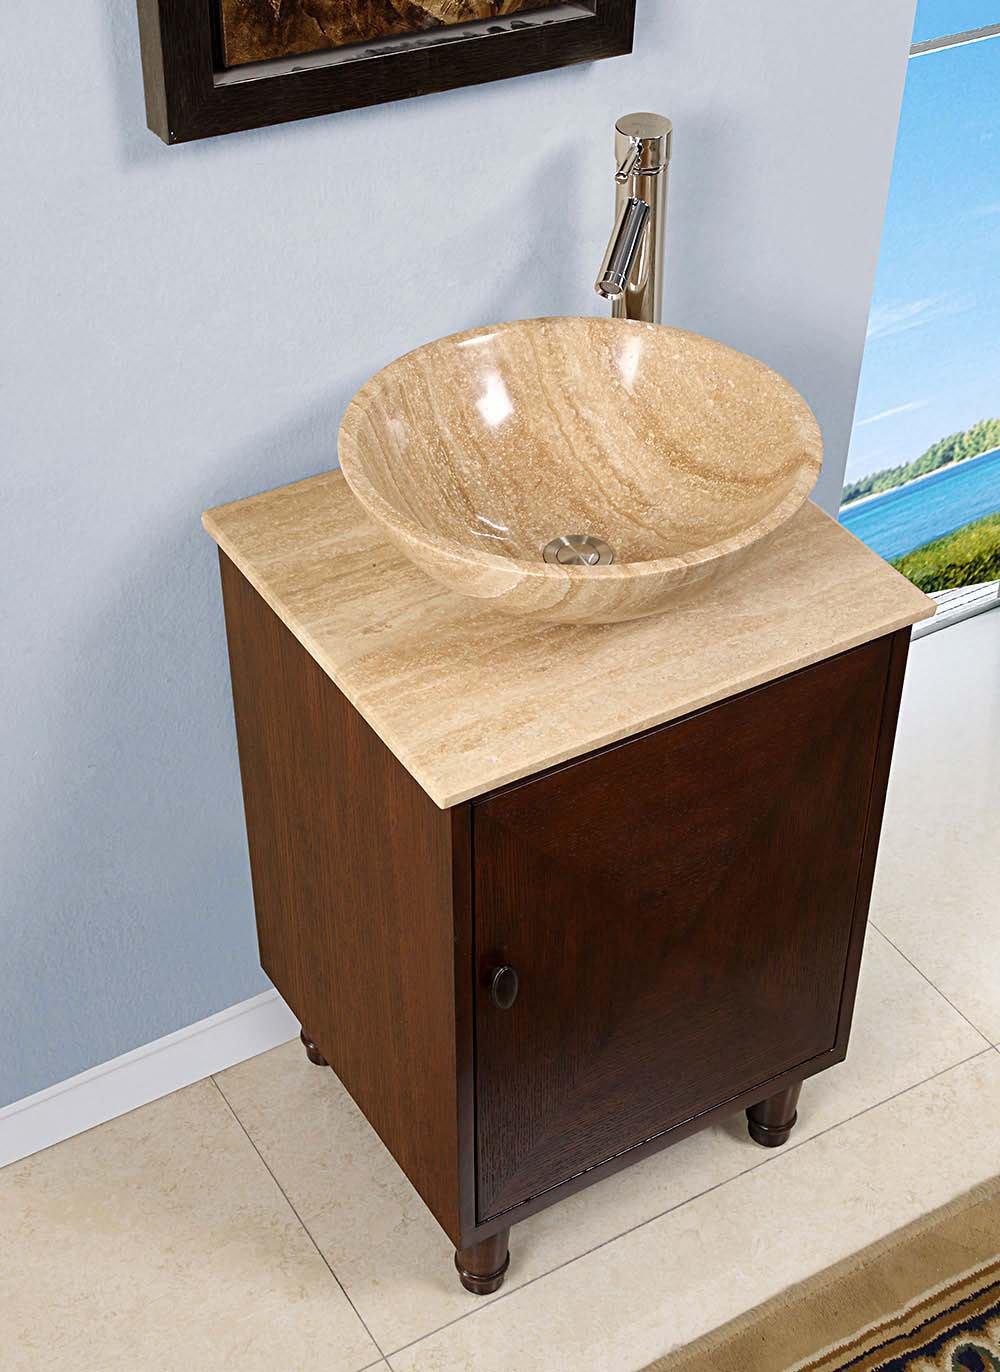 silkroad 20 inch travertine vessel sink vanity